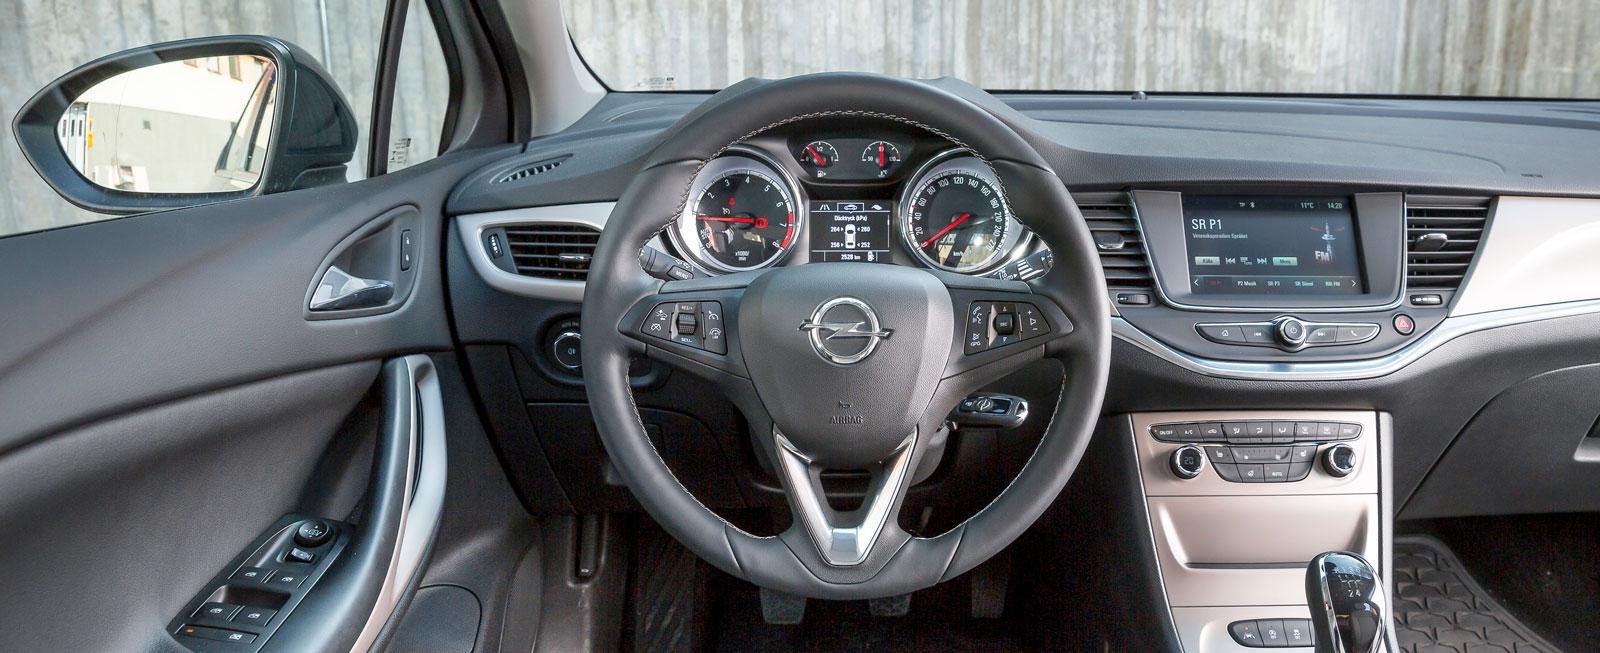 Opel har fått till en både snygg och funktionell förarmiljö. Medieskärmen är tydlig och lättanvänd och det allmänna kvalitetsintrycket gediget.